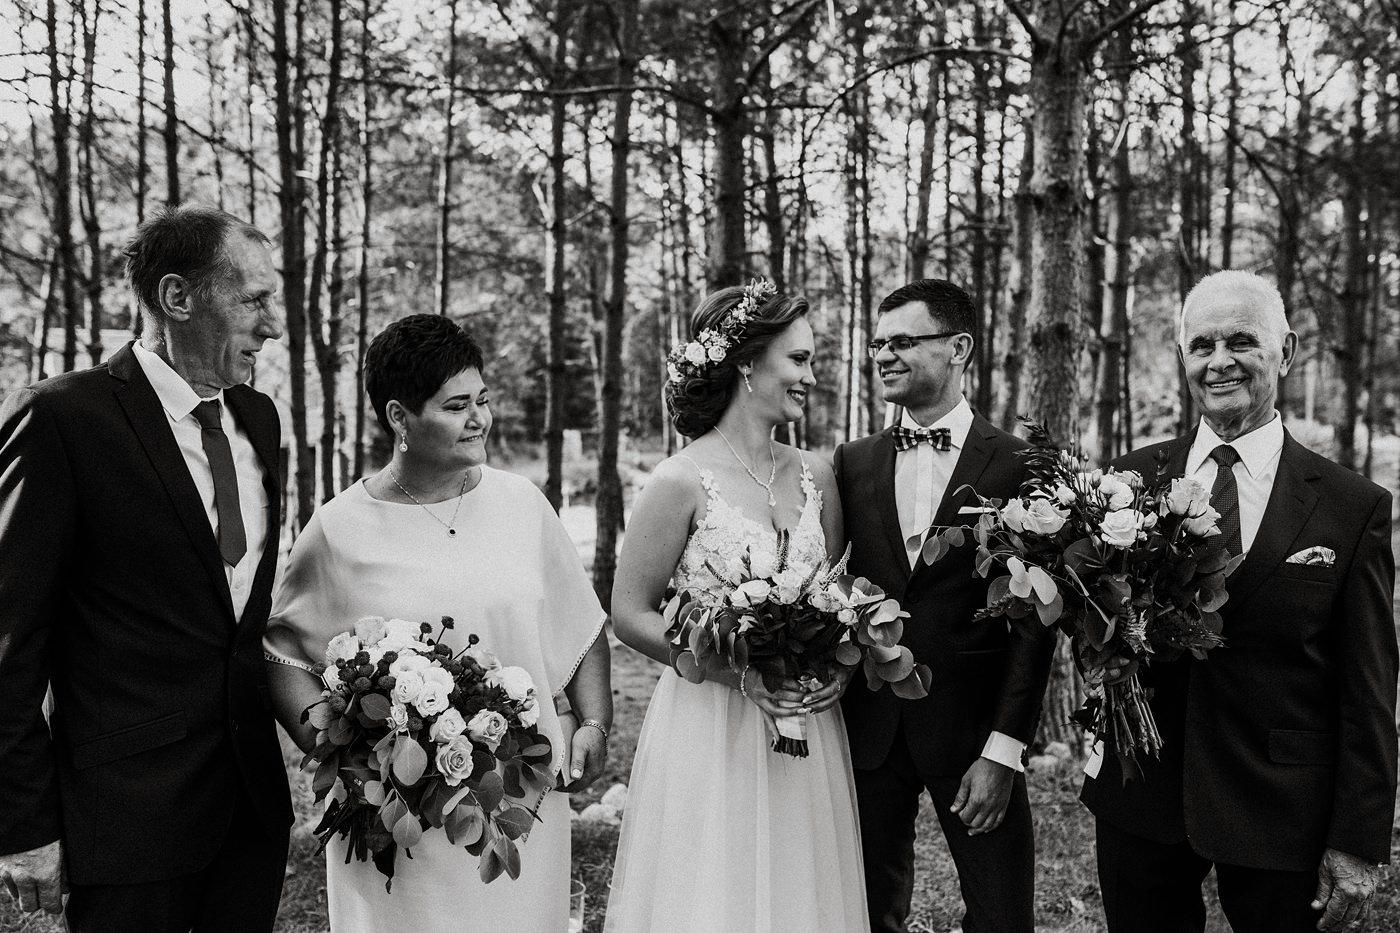 Anna & Wojtek - Ślub cywilny w plenerze - Barnówko w Sam Las 48